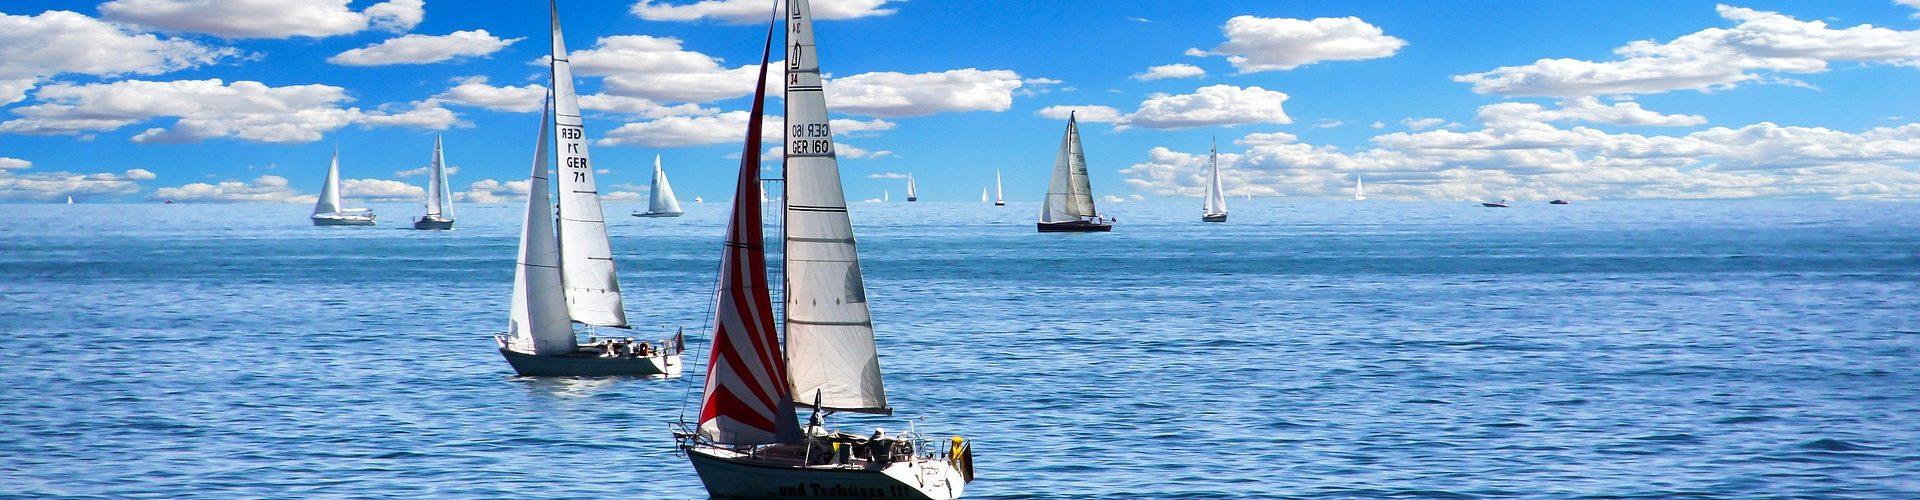 segeln lernen in Sankt Augustin segelschein machen in Sankt Augustin 1920x500 - Segeln lernen in Sankt Augustin